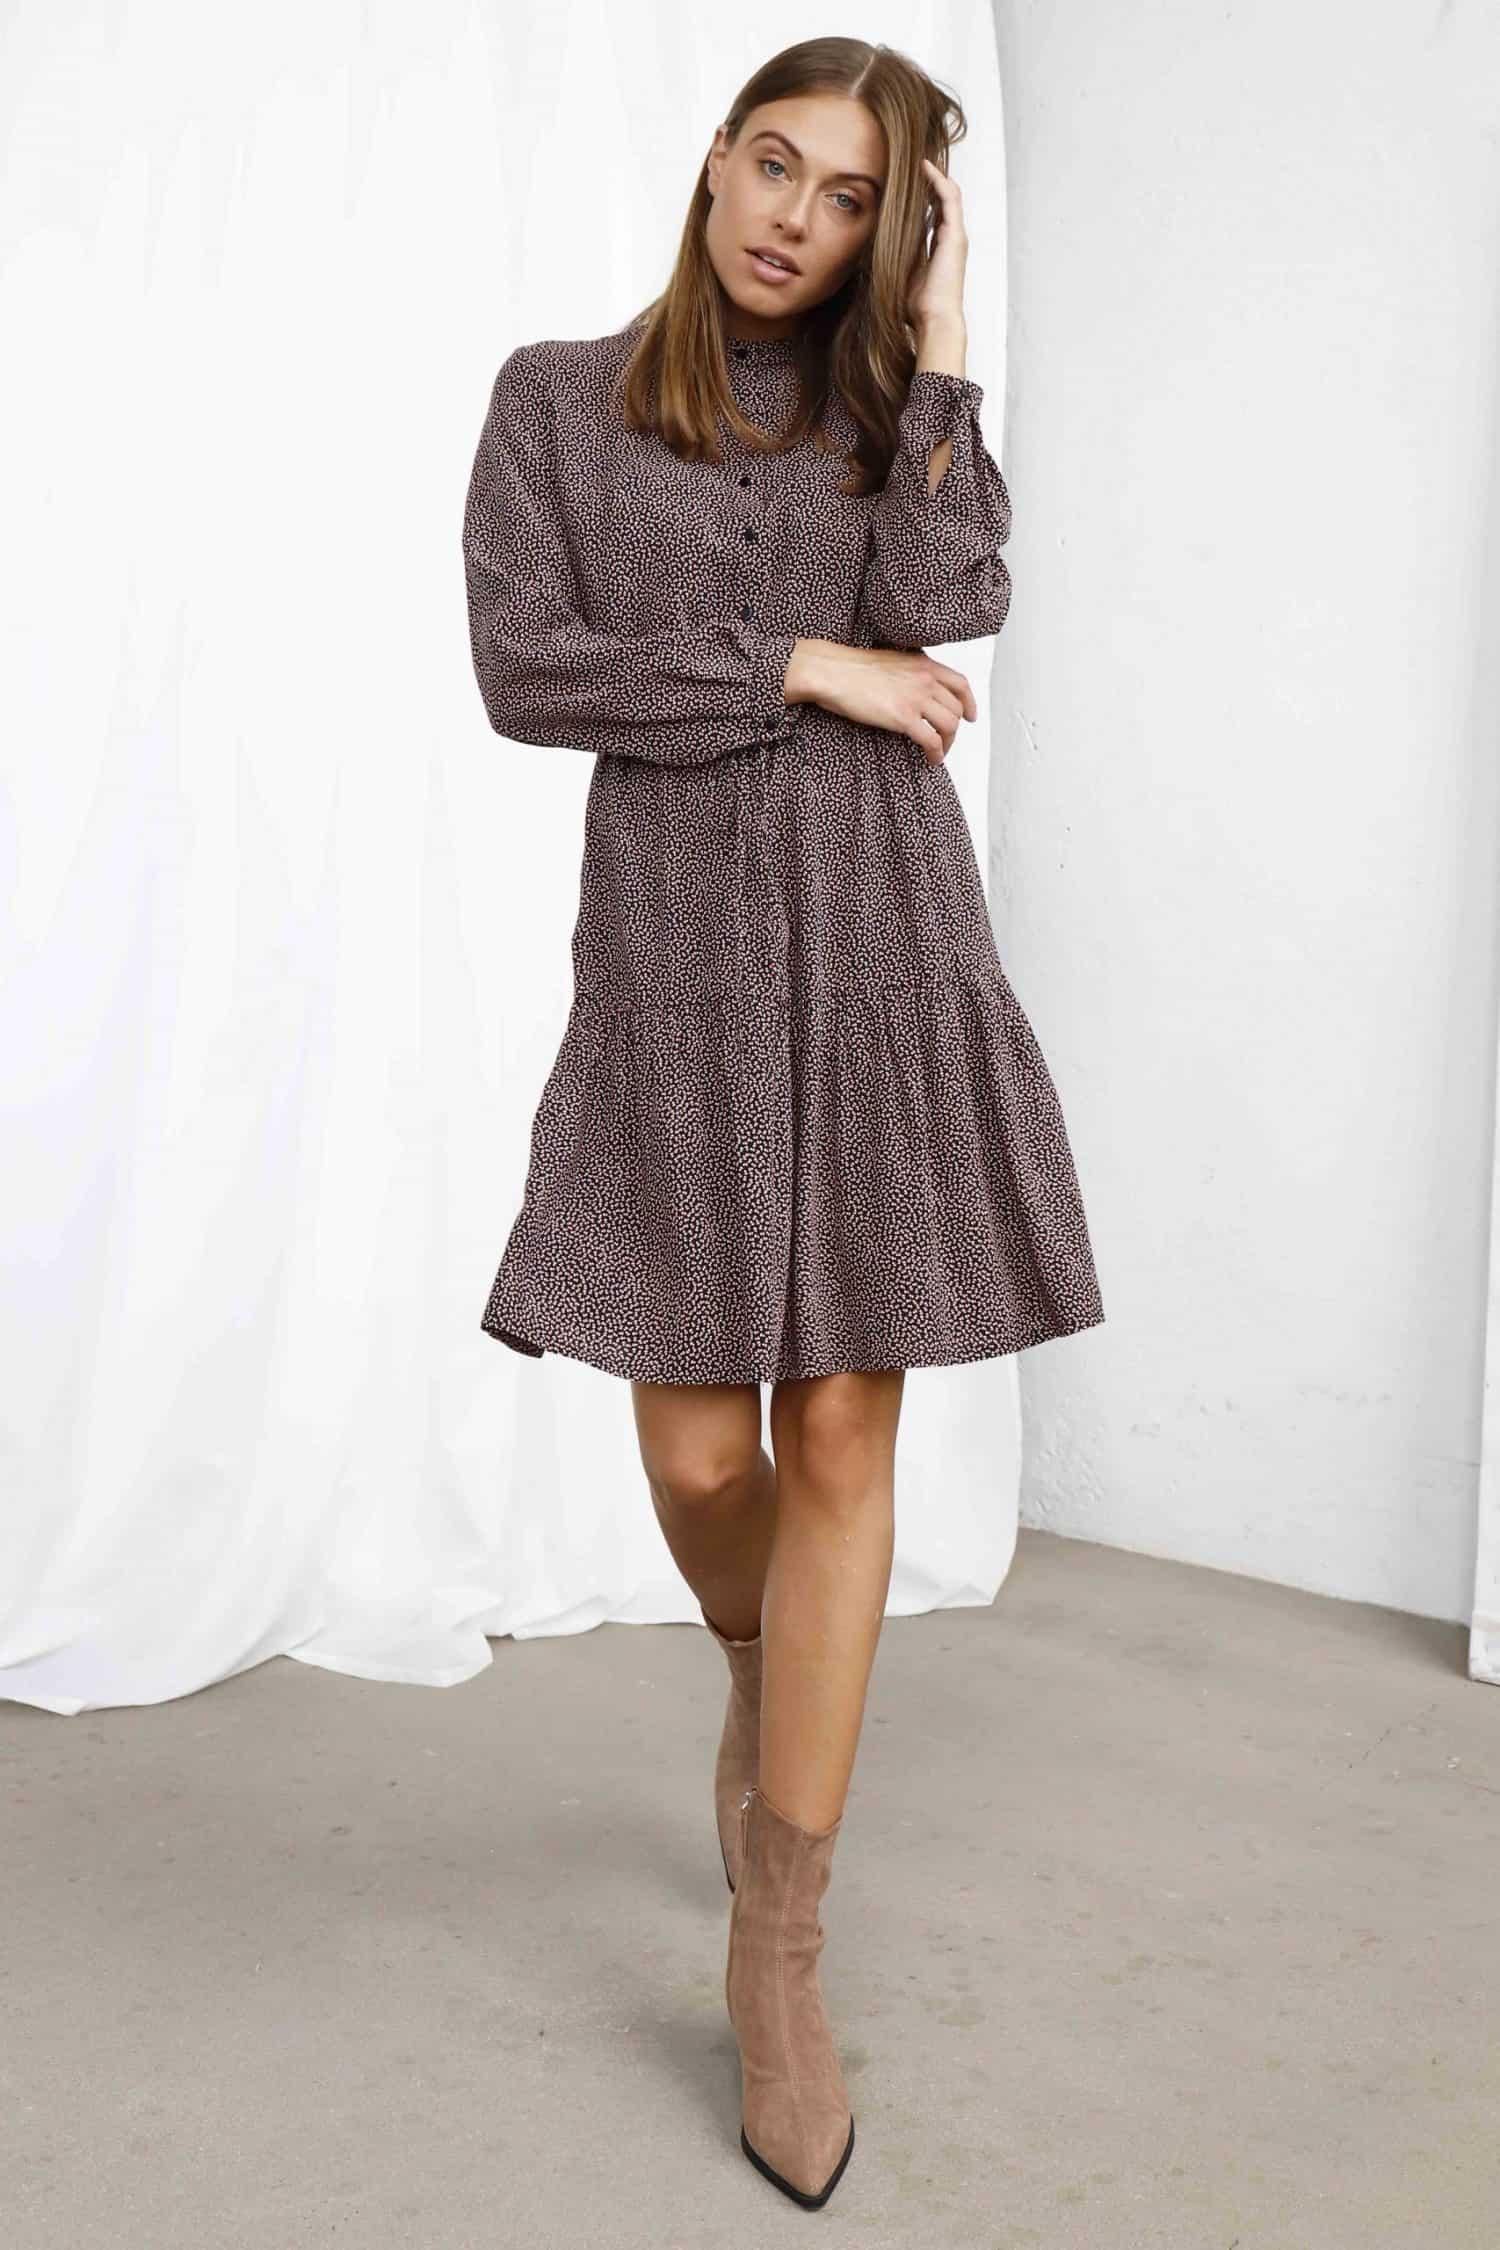 Printed brown dress Melodie